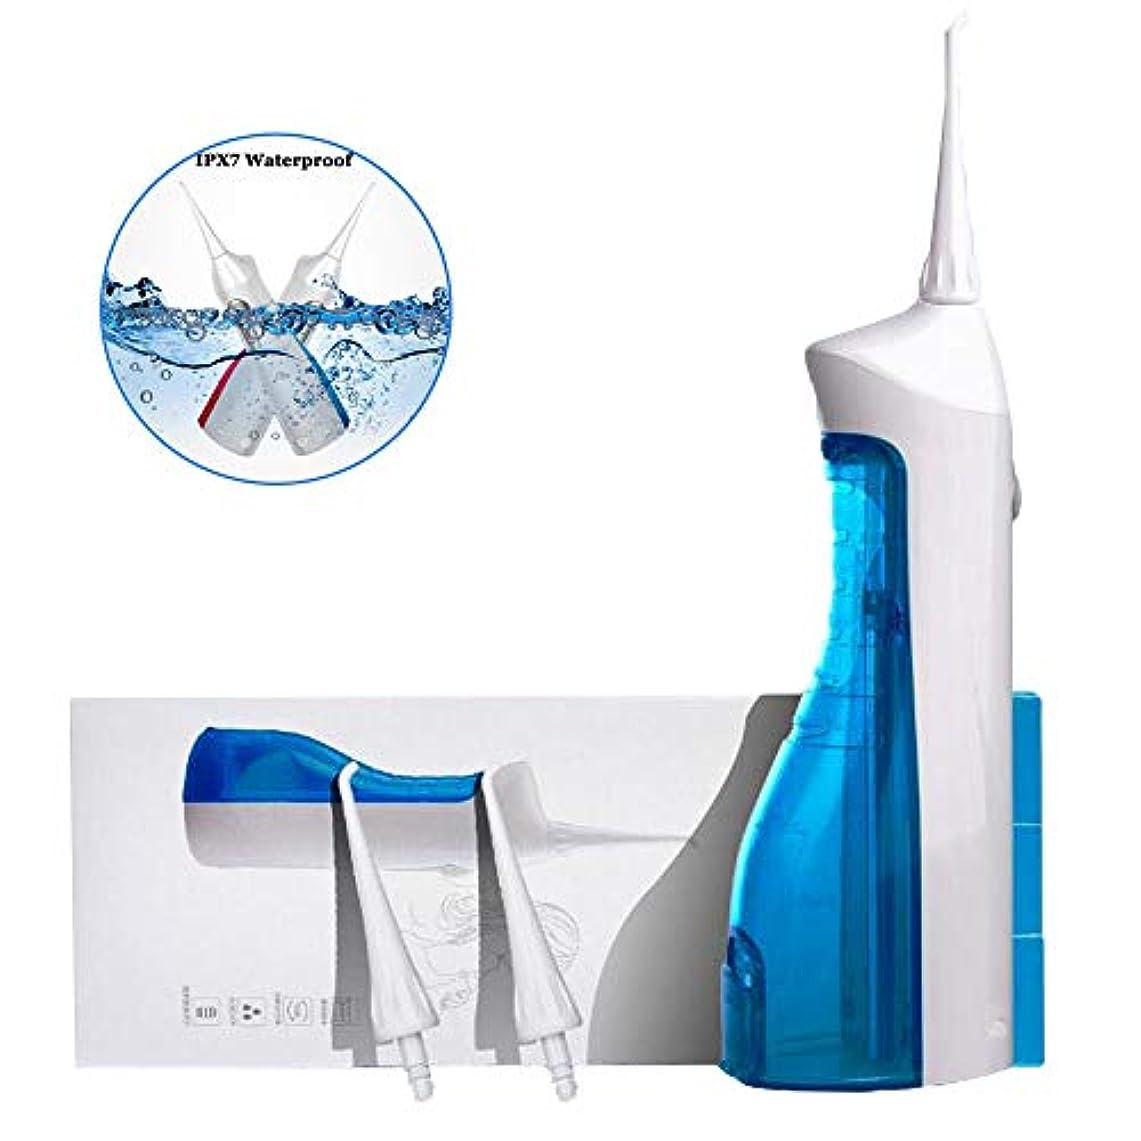 固める補体ニュース歯用ウォーターフロッサー、ポータブルプロフェッショナルコードレス歯科口腔洗浄器、150mlタンク、2本のジェットチップ付き歯磨き粉用クリーナー、2つのクリーニングモード、USB充電式、IPX7防水